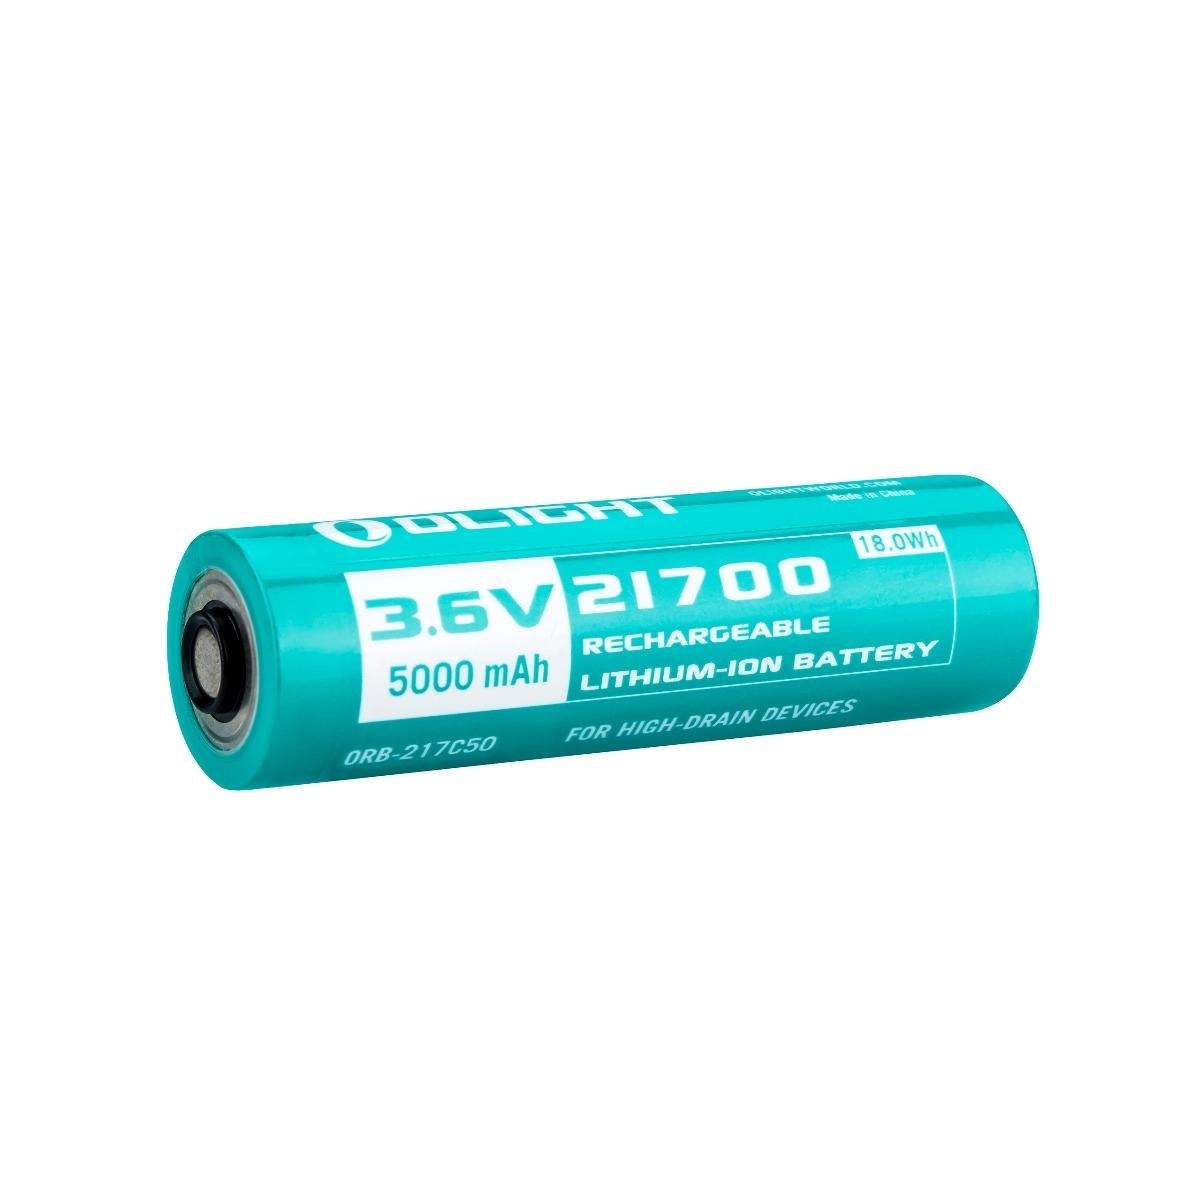 21700バッテリー 5000mAh OLIGHT専用電池